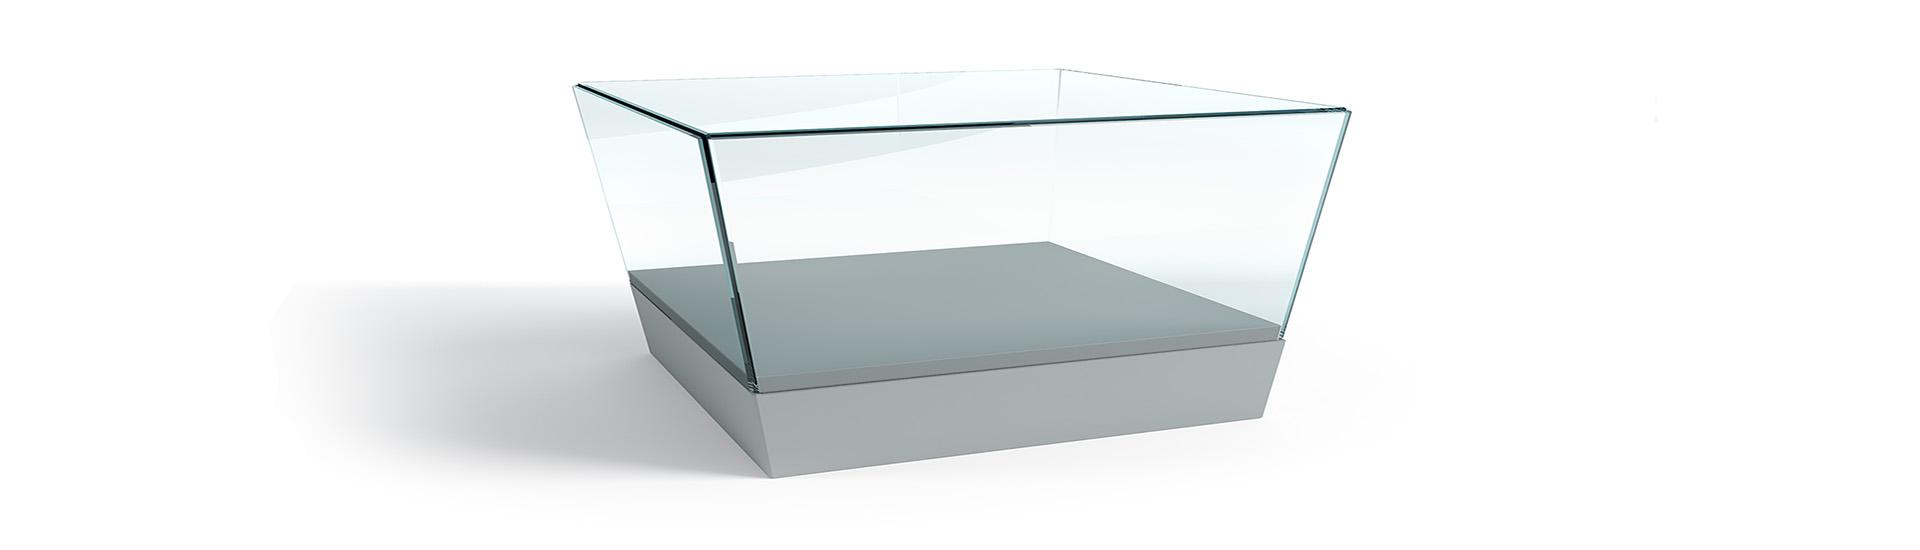 Epro-Products-Slide-2-Background-Image